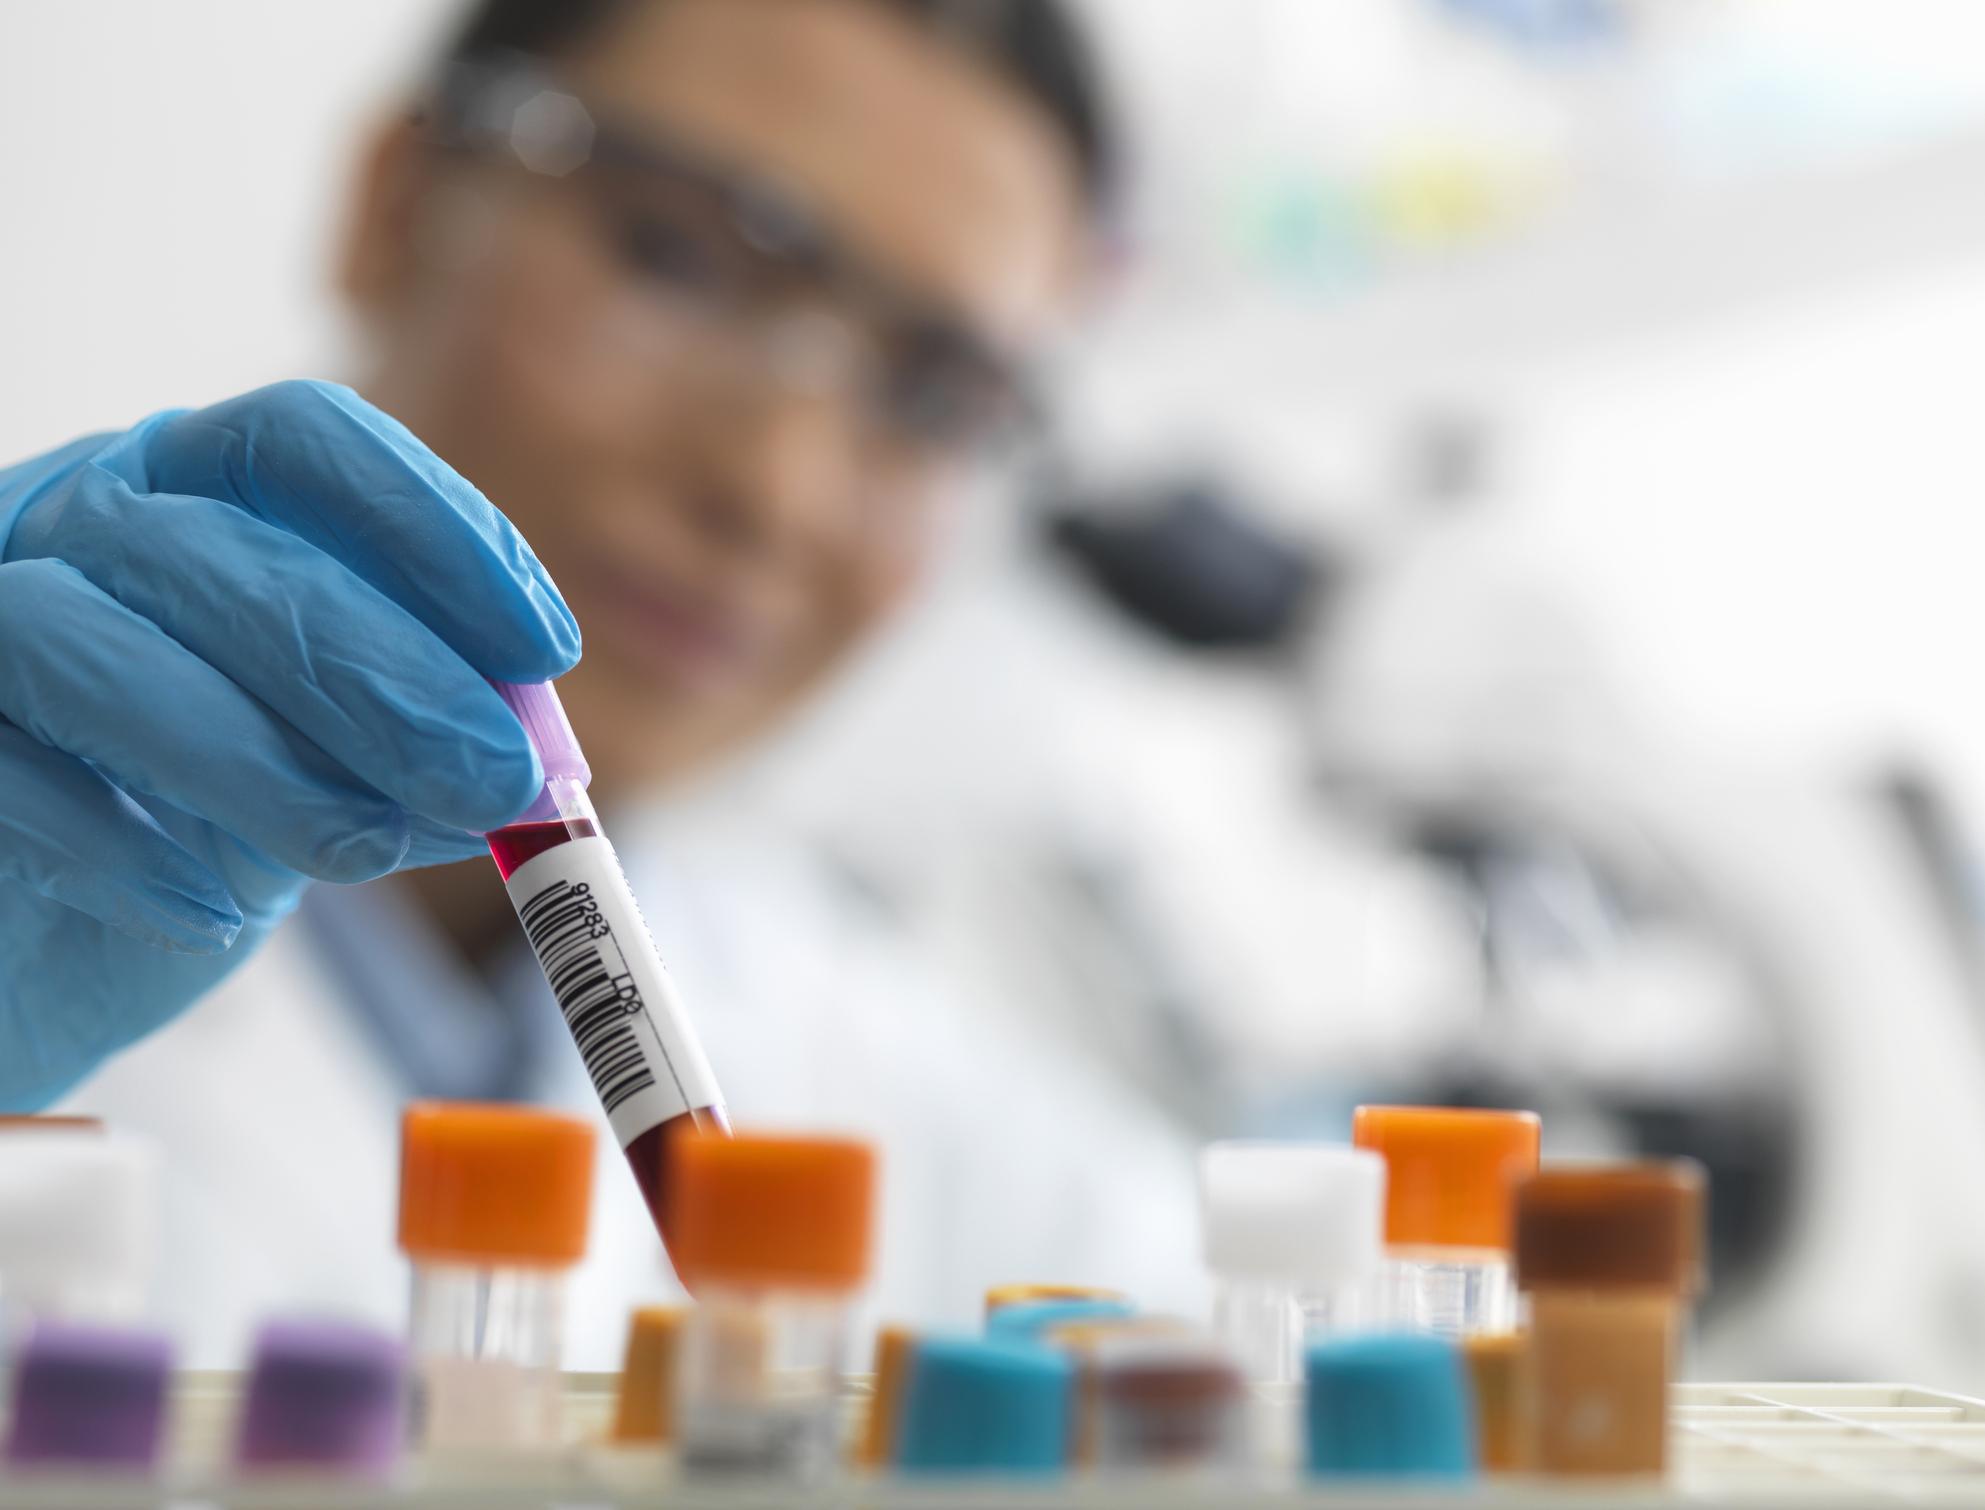 منظمة الصحة العالمية تكشف رابط اختبار إصابتك بفيروس كورونا من عدمه